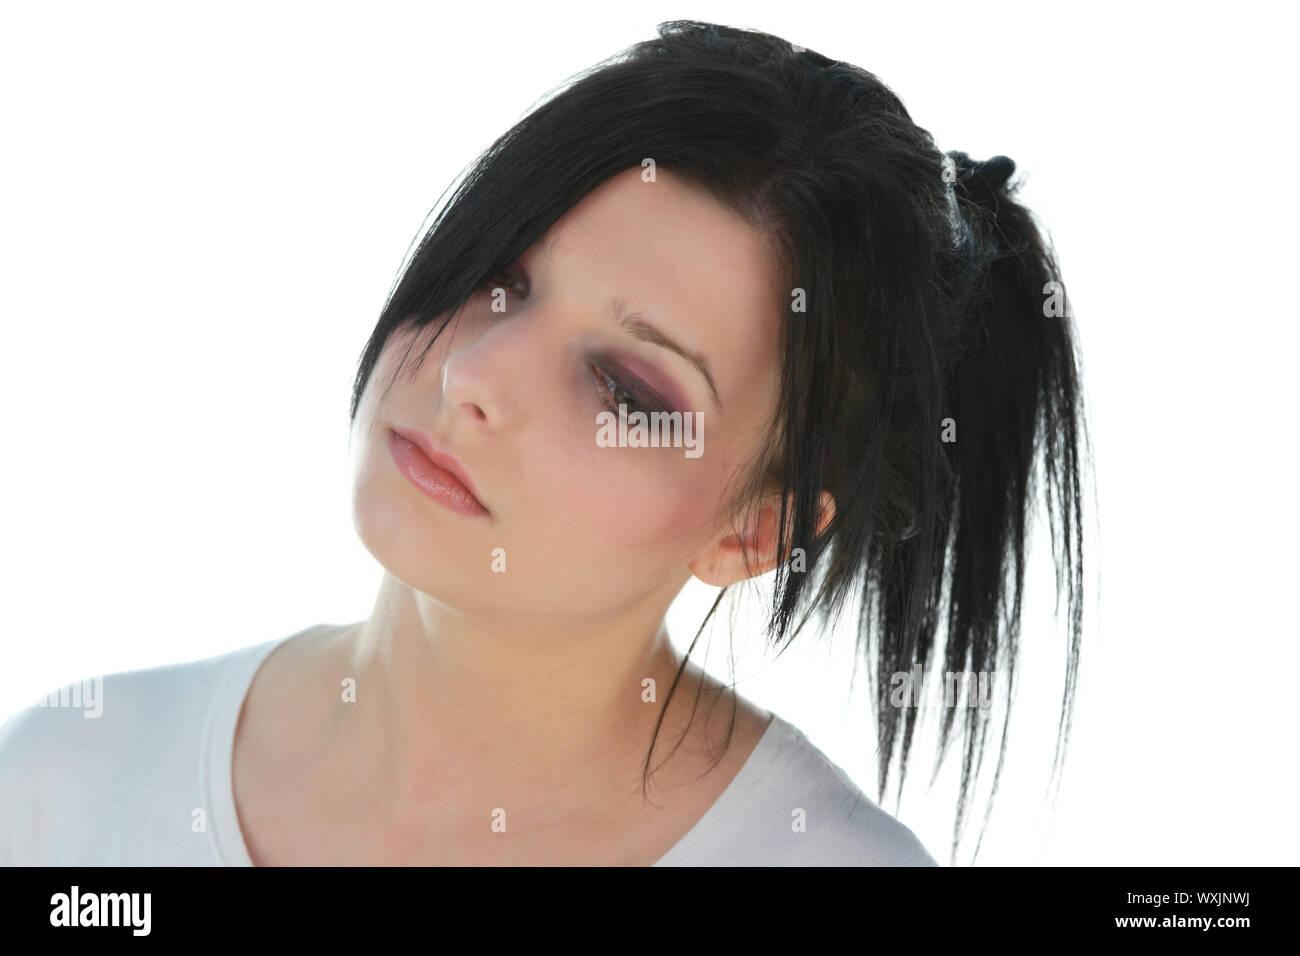 schone emo madchen mit schwarzen haaren